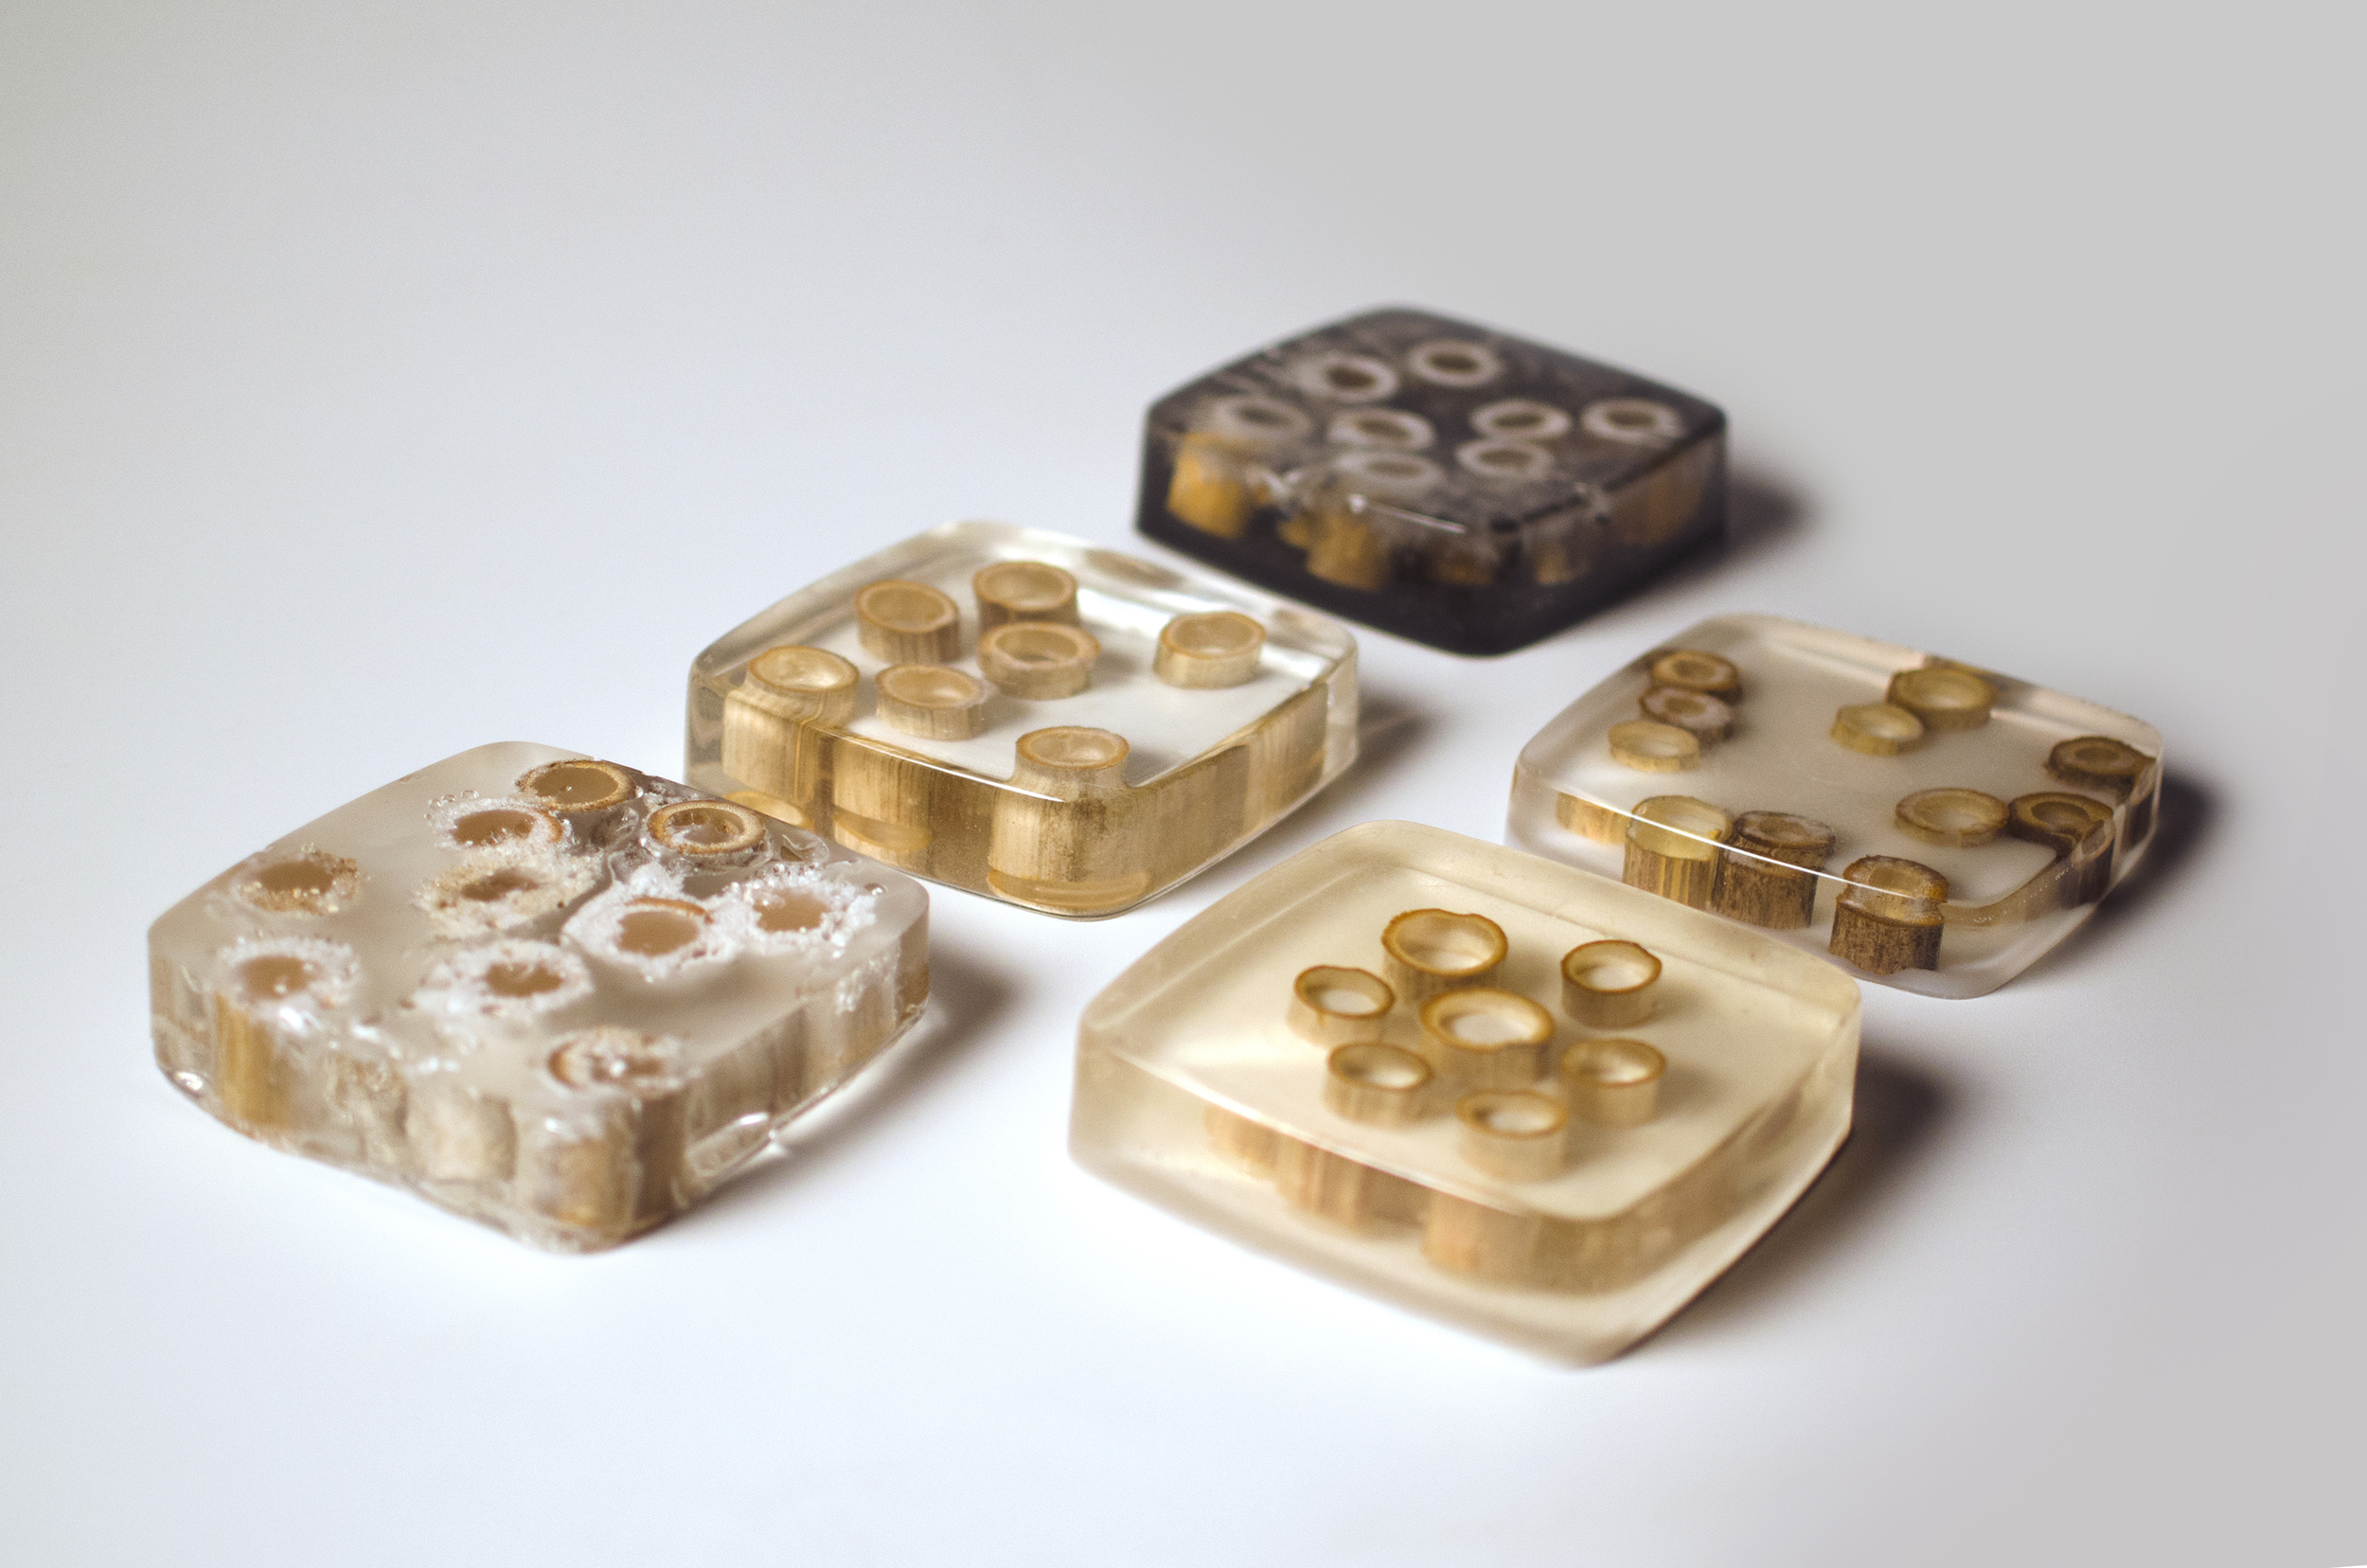 Resin material tests